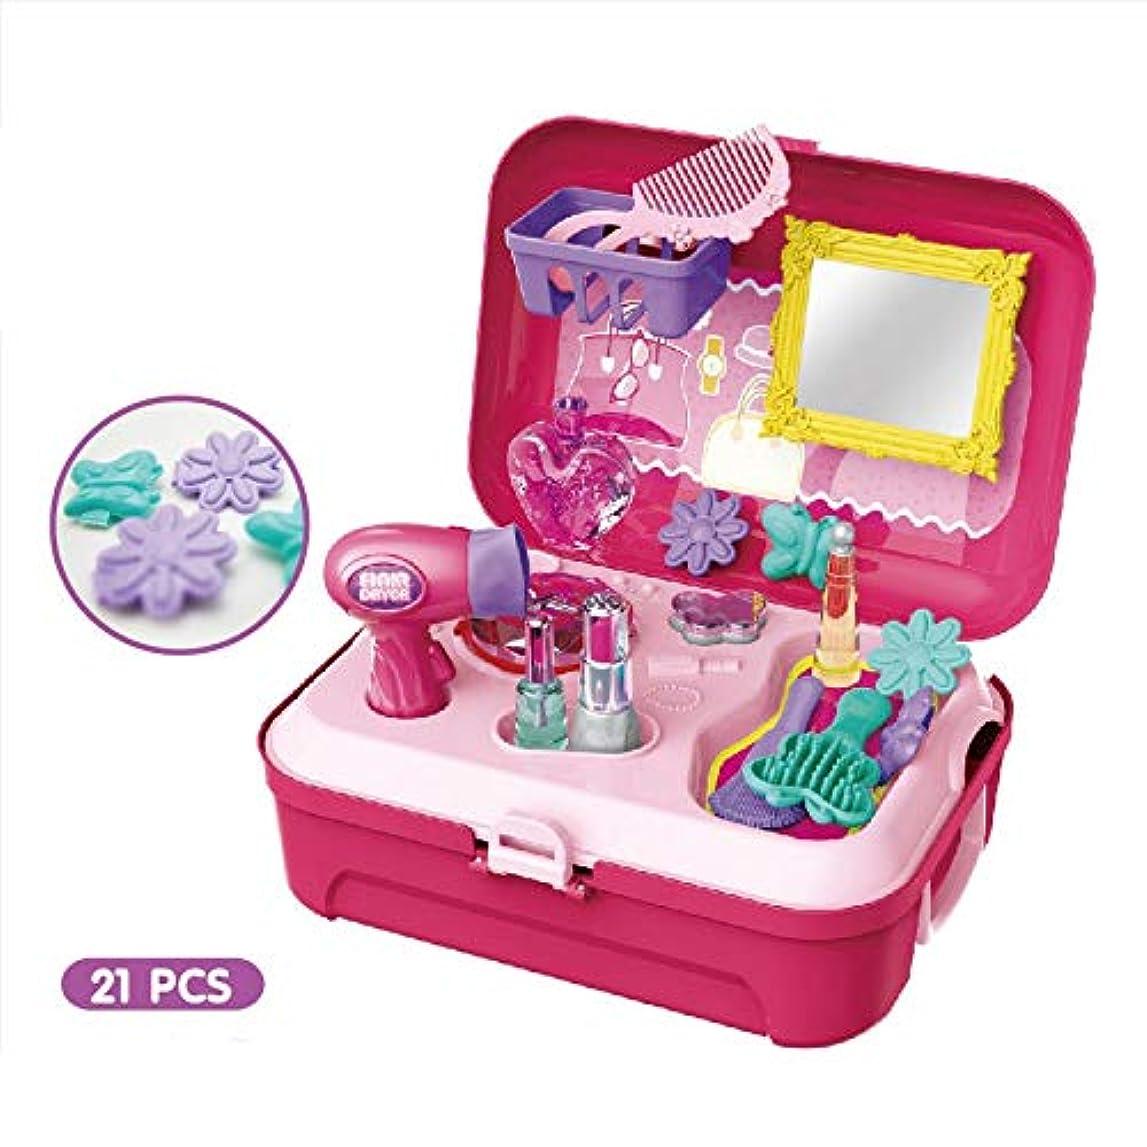 ルールモジュール影子供用シミュレーションキッチン調理器具化粧品ツールペットドクタースーツプレイハウスバックパックボックス-多色